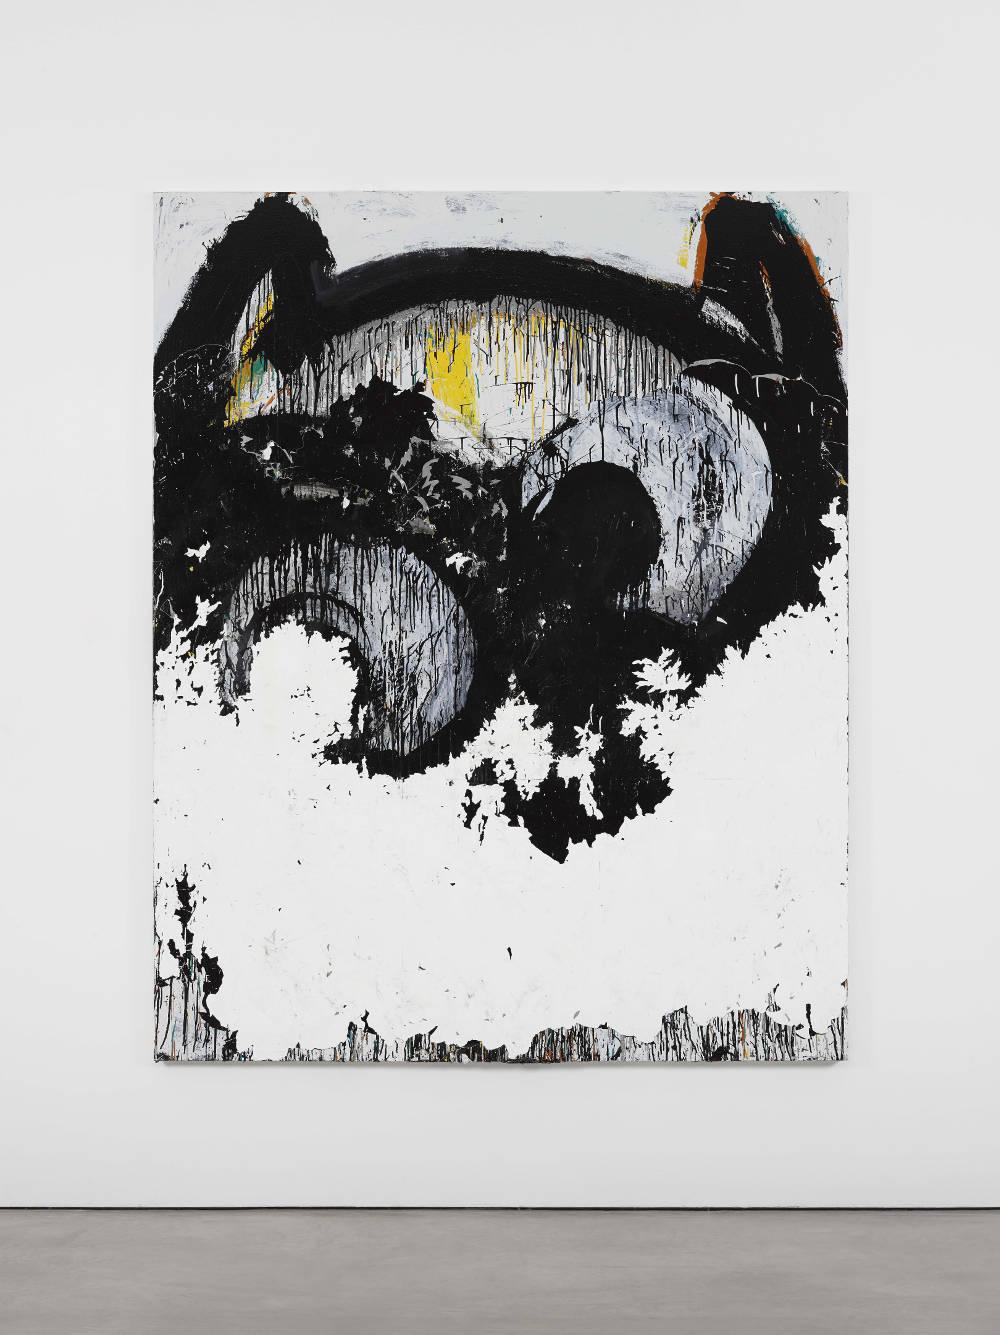 Joyce Pensato, The Erased Batman, 2017 © Joyce Pensato; Courtesy Lisson Gallery